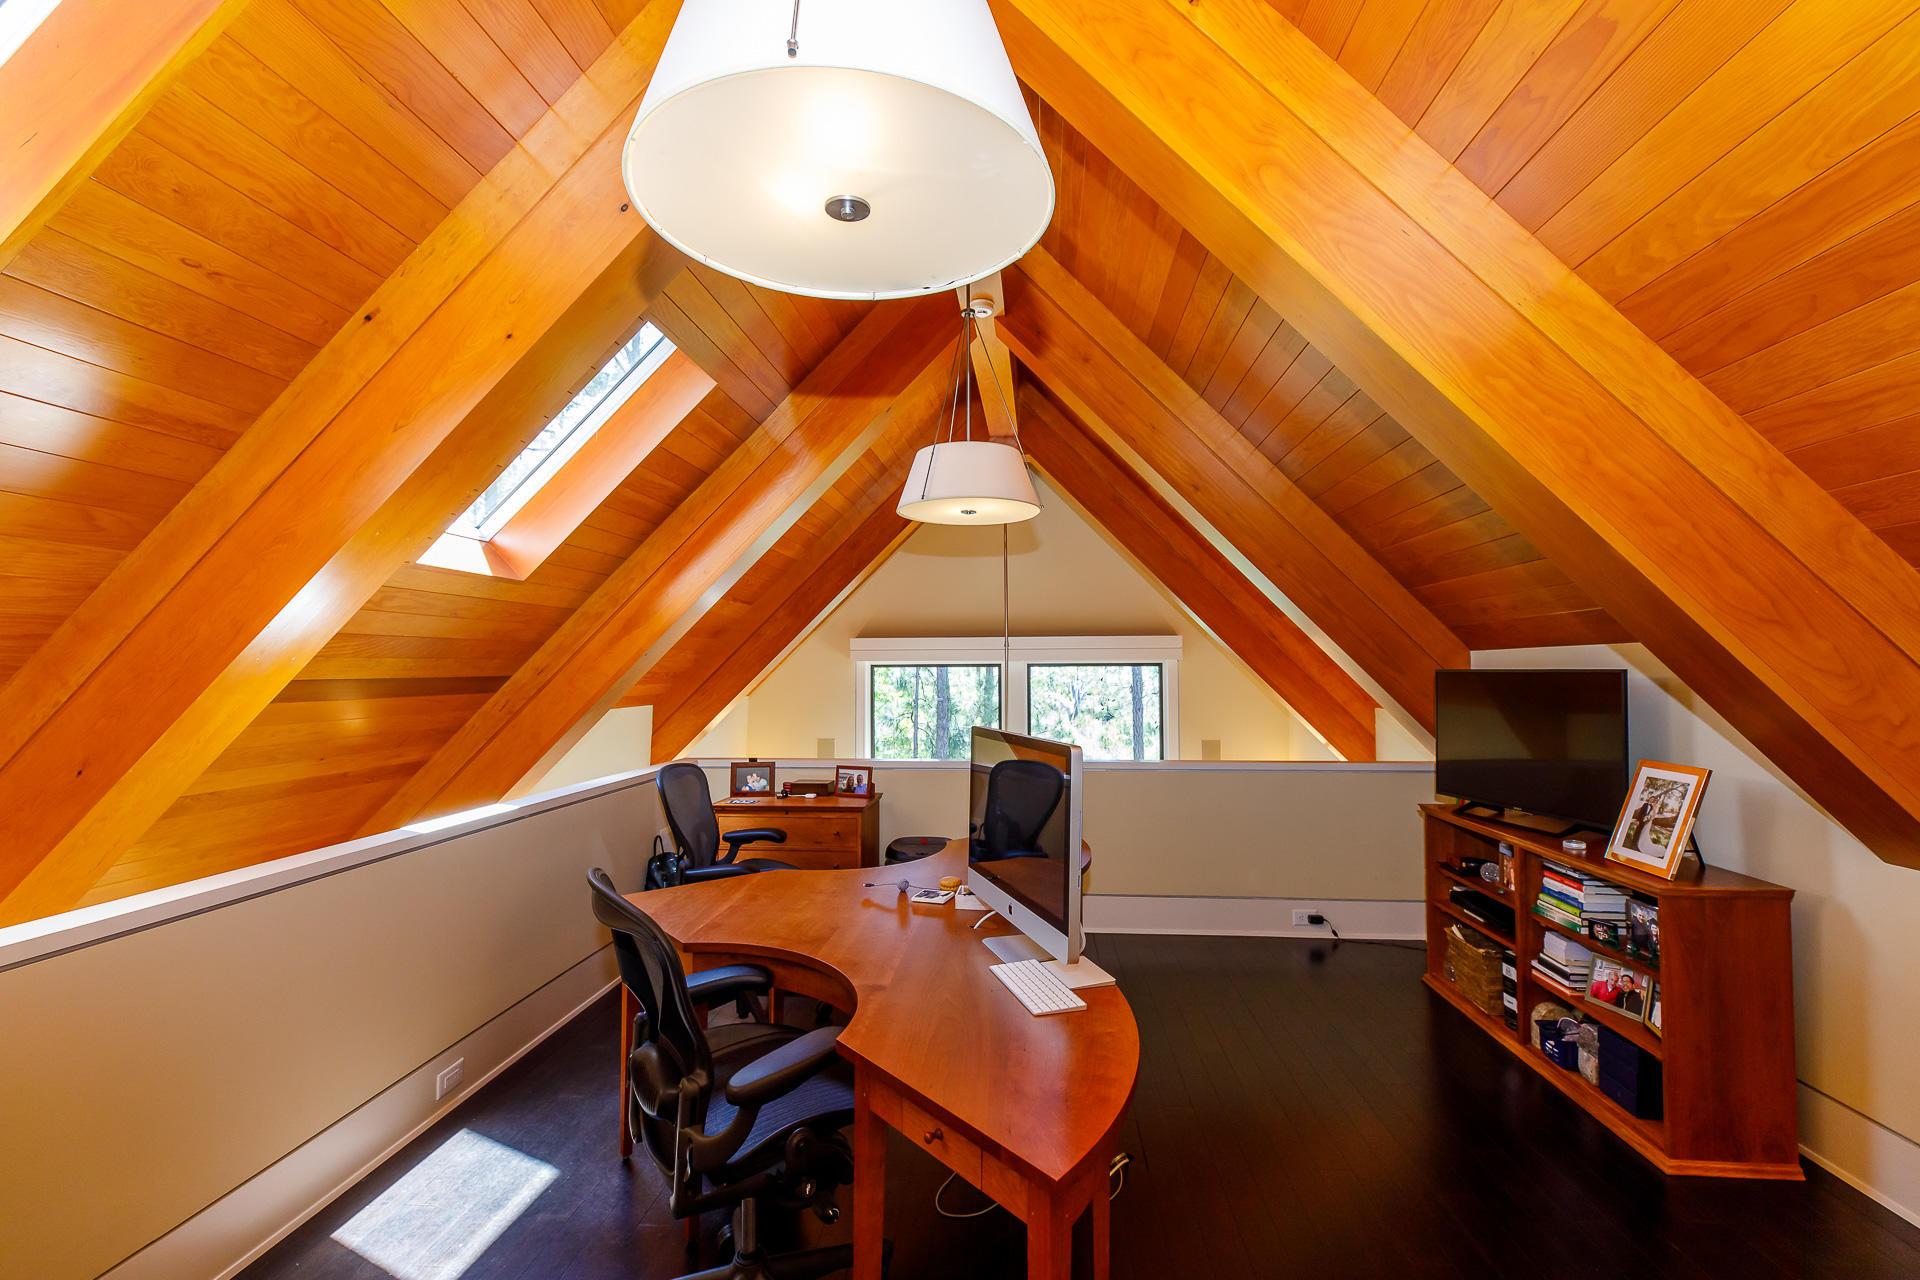 Kiawah Island Homes For Sale - 102 Blue Heron Pond, Kiawah Island, SC - 29